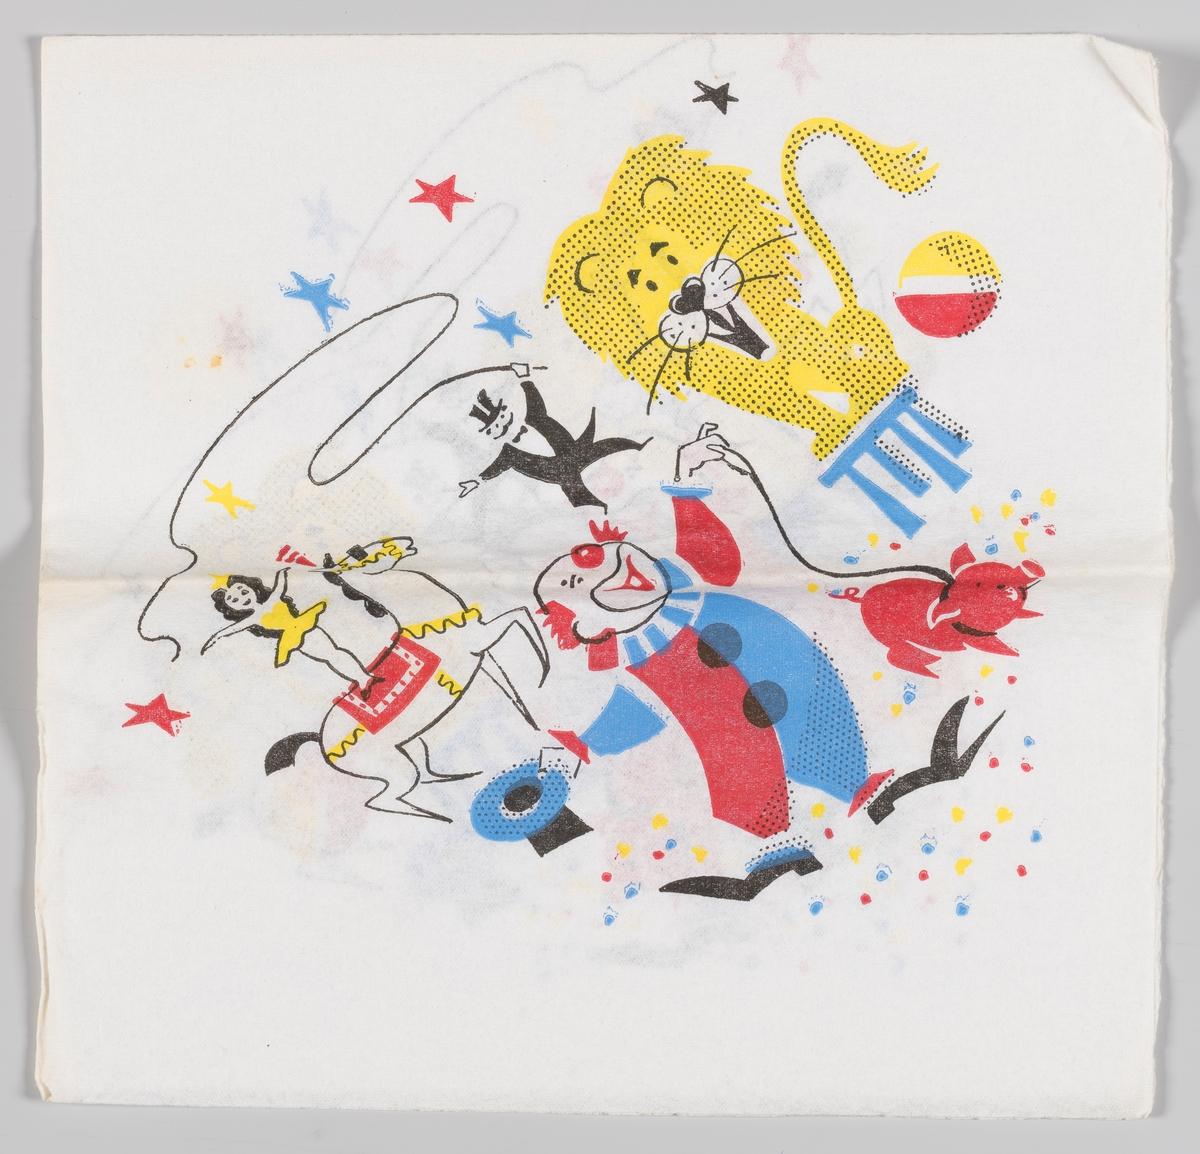 En scene fra sirkus. En klovn står med en gris i bånd. En løve sitter på en taburett. En sirkusprinsesse står på ryggen av en sirkushest. En sirkusdirektør med flosshatt svinger en lang pisk. I bakgrunnen kulørte stjerner og på bakken kulørte prikker.